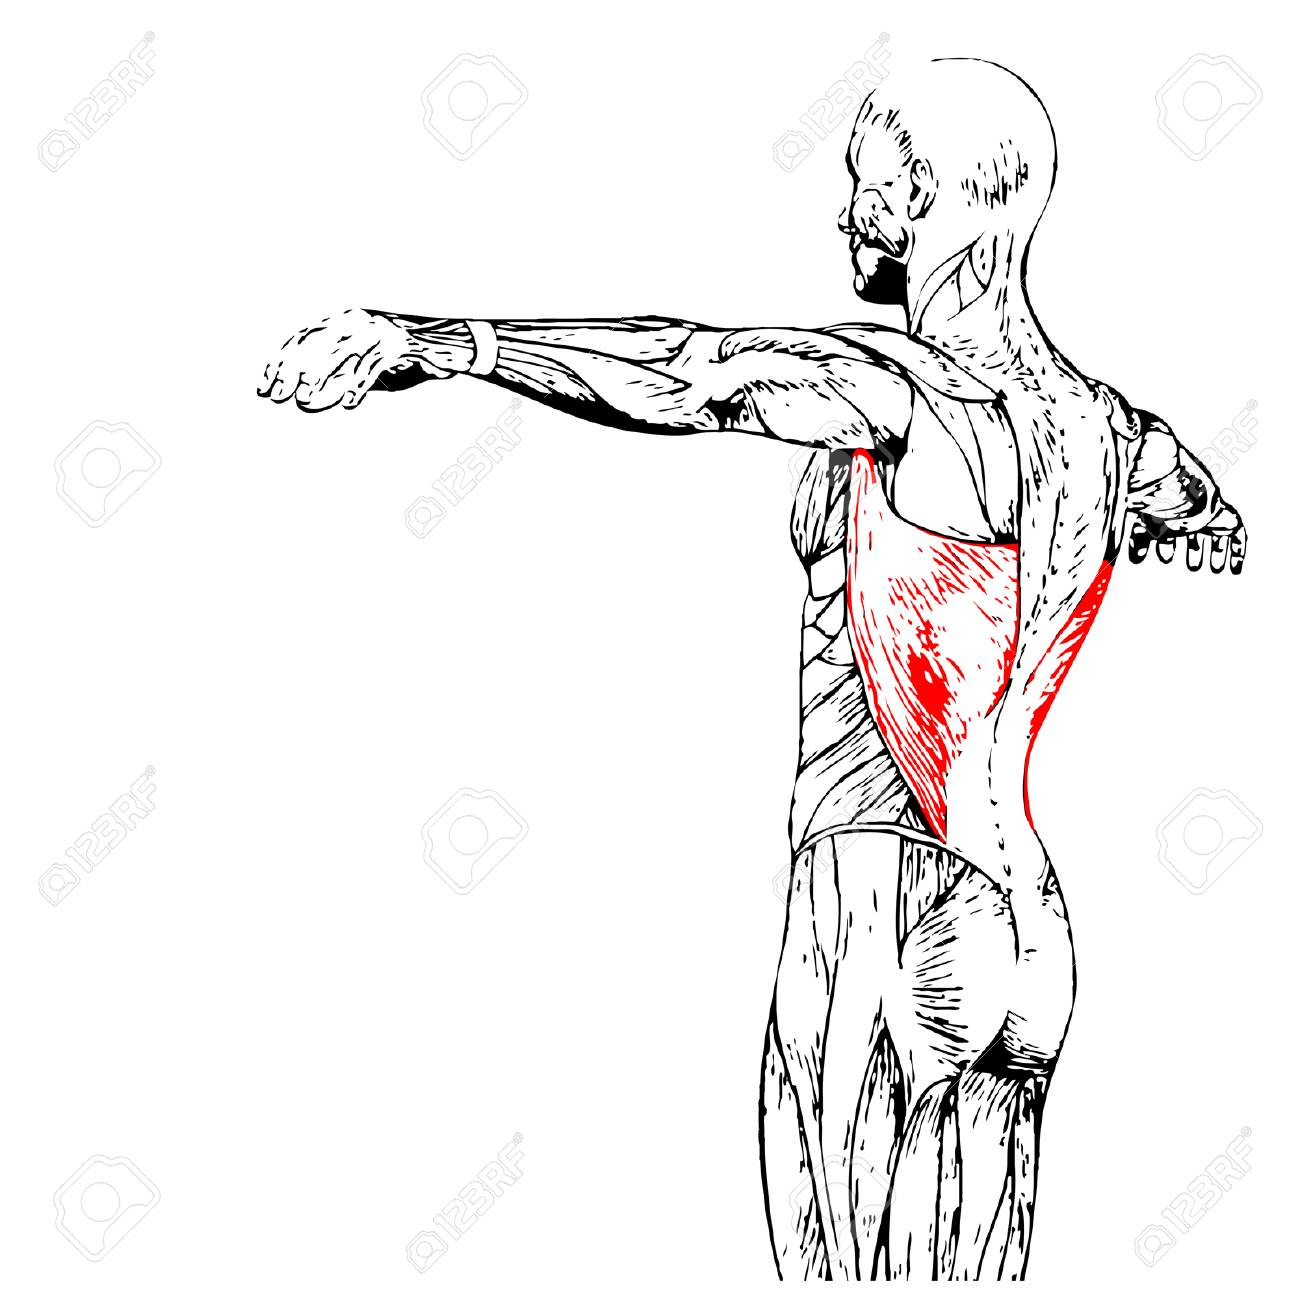 Groß Muskel Anatomie Zurück Bilder - Menschliche Anatomie Bilder ...